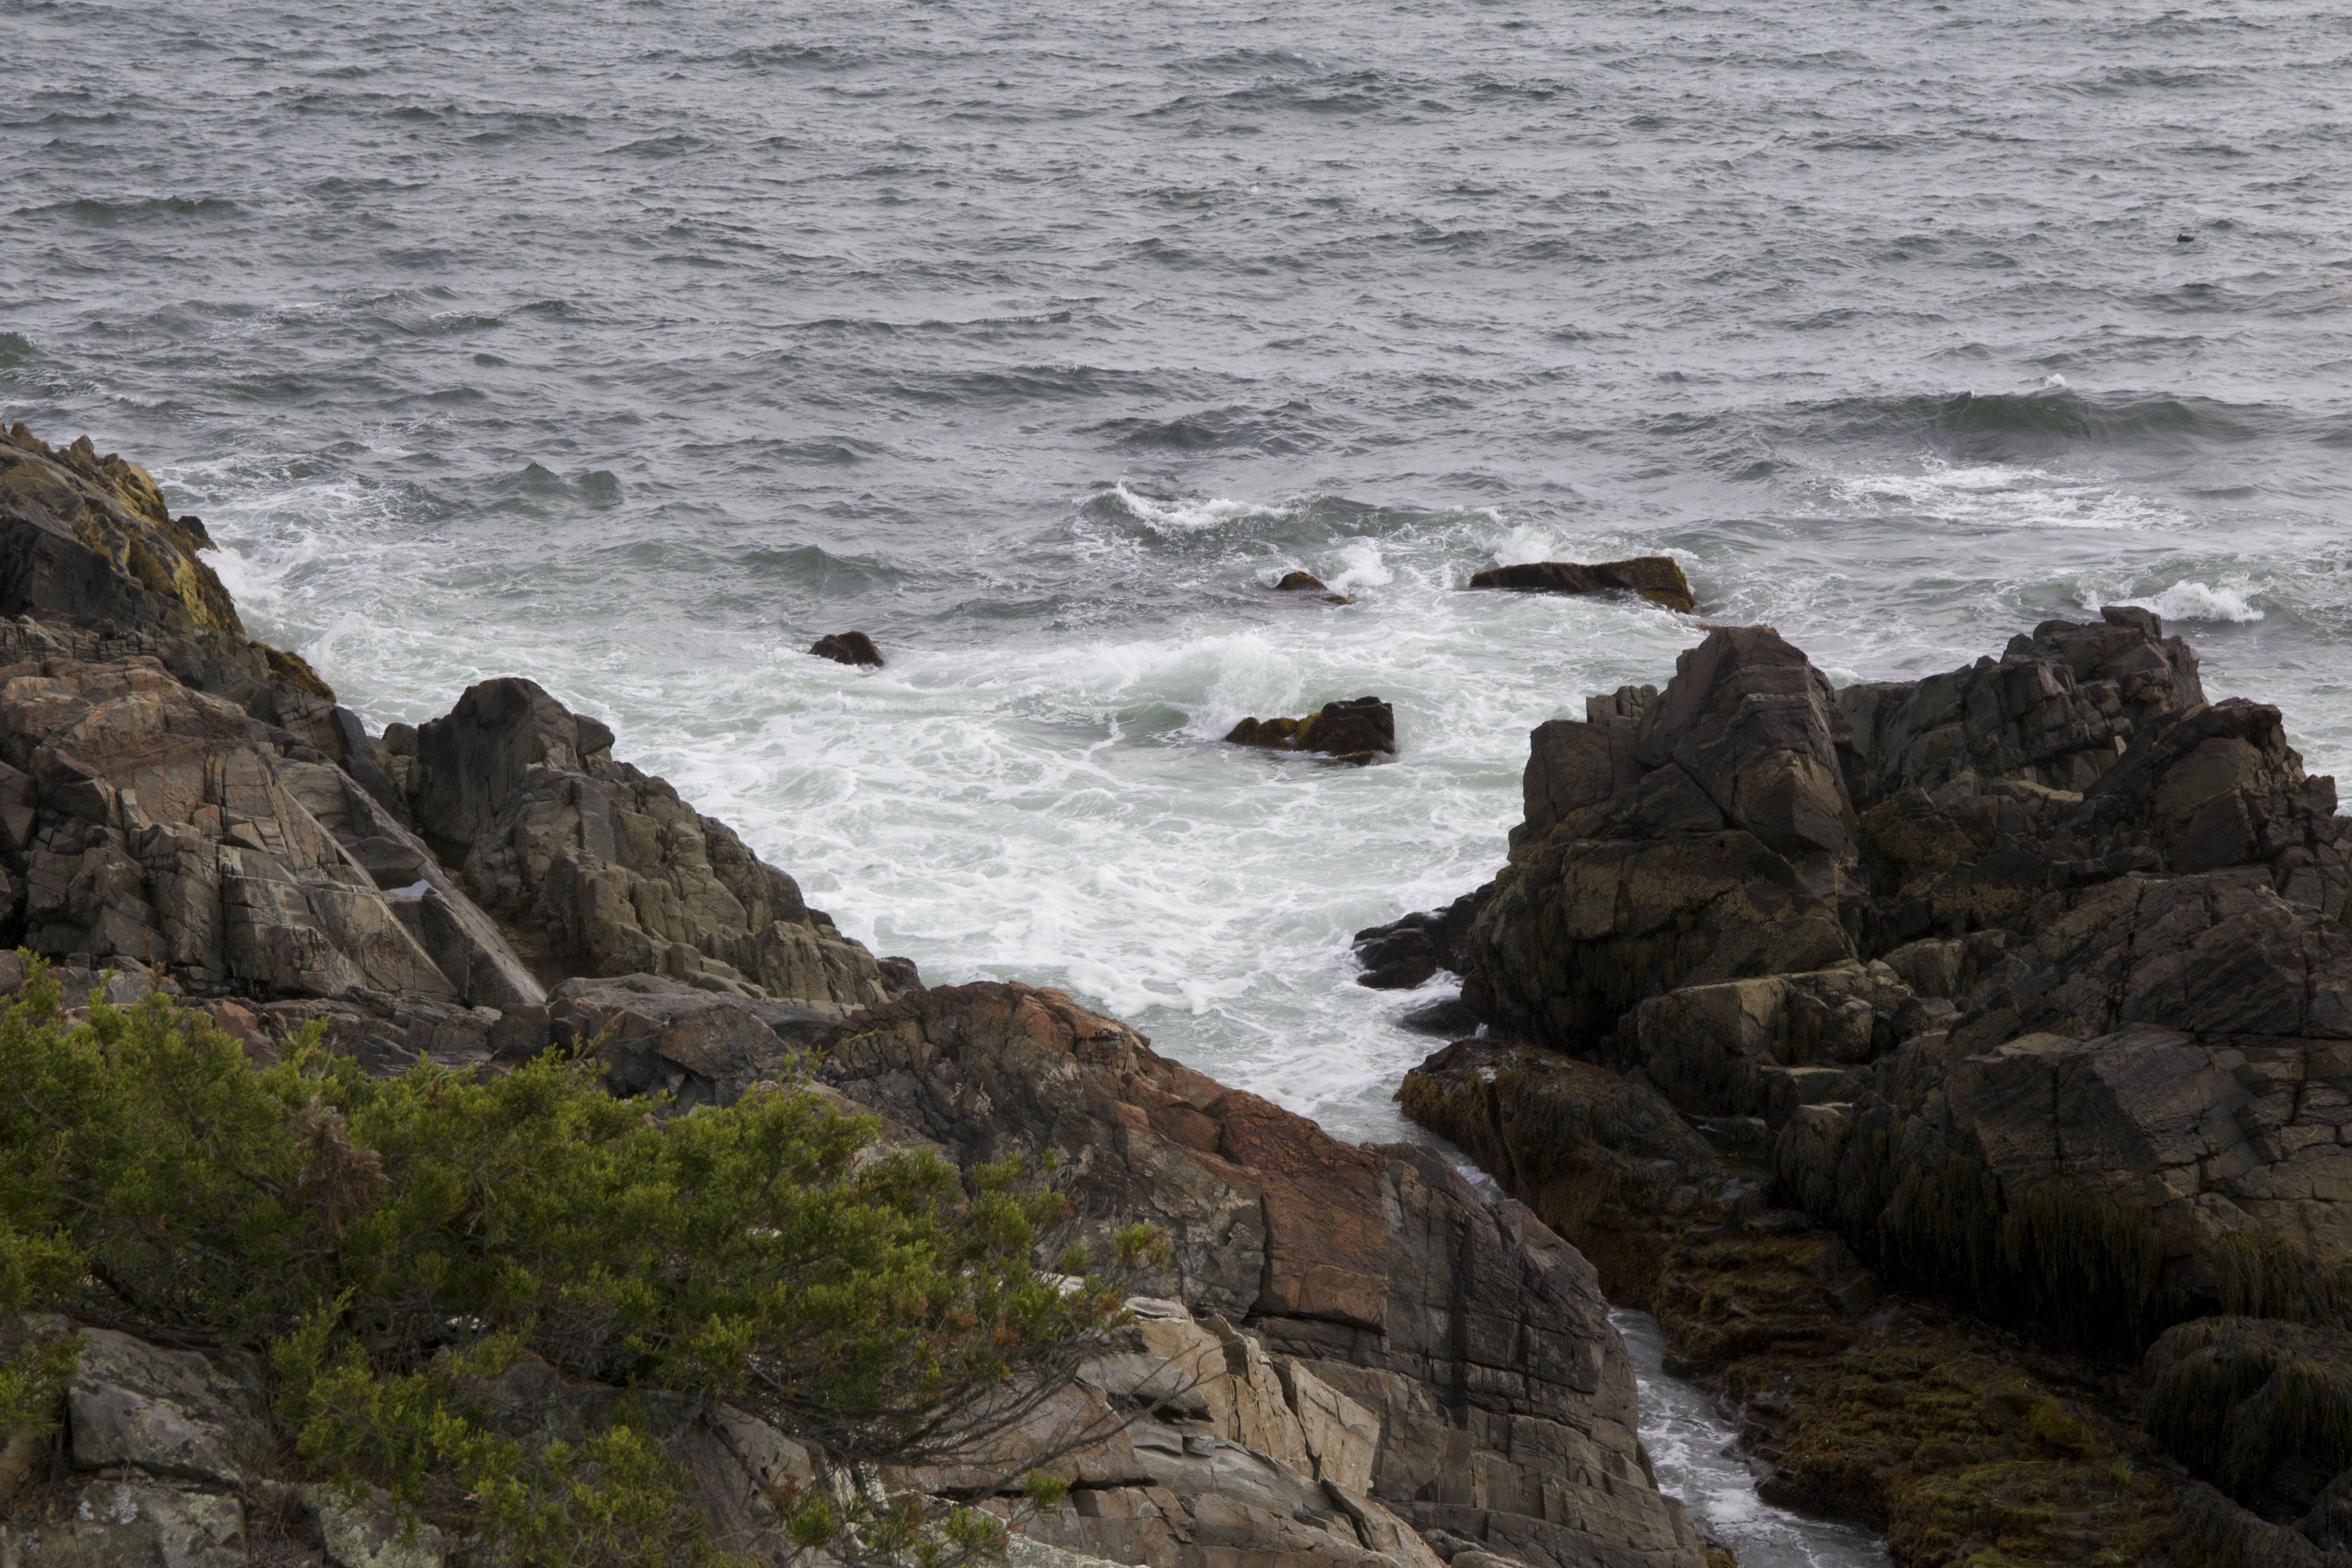 Mountain Rocks Near on Body of Water